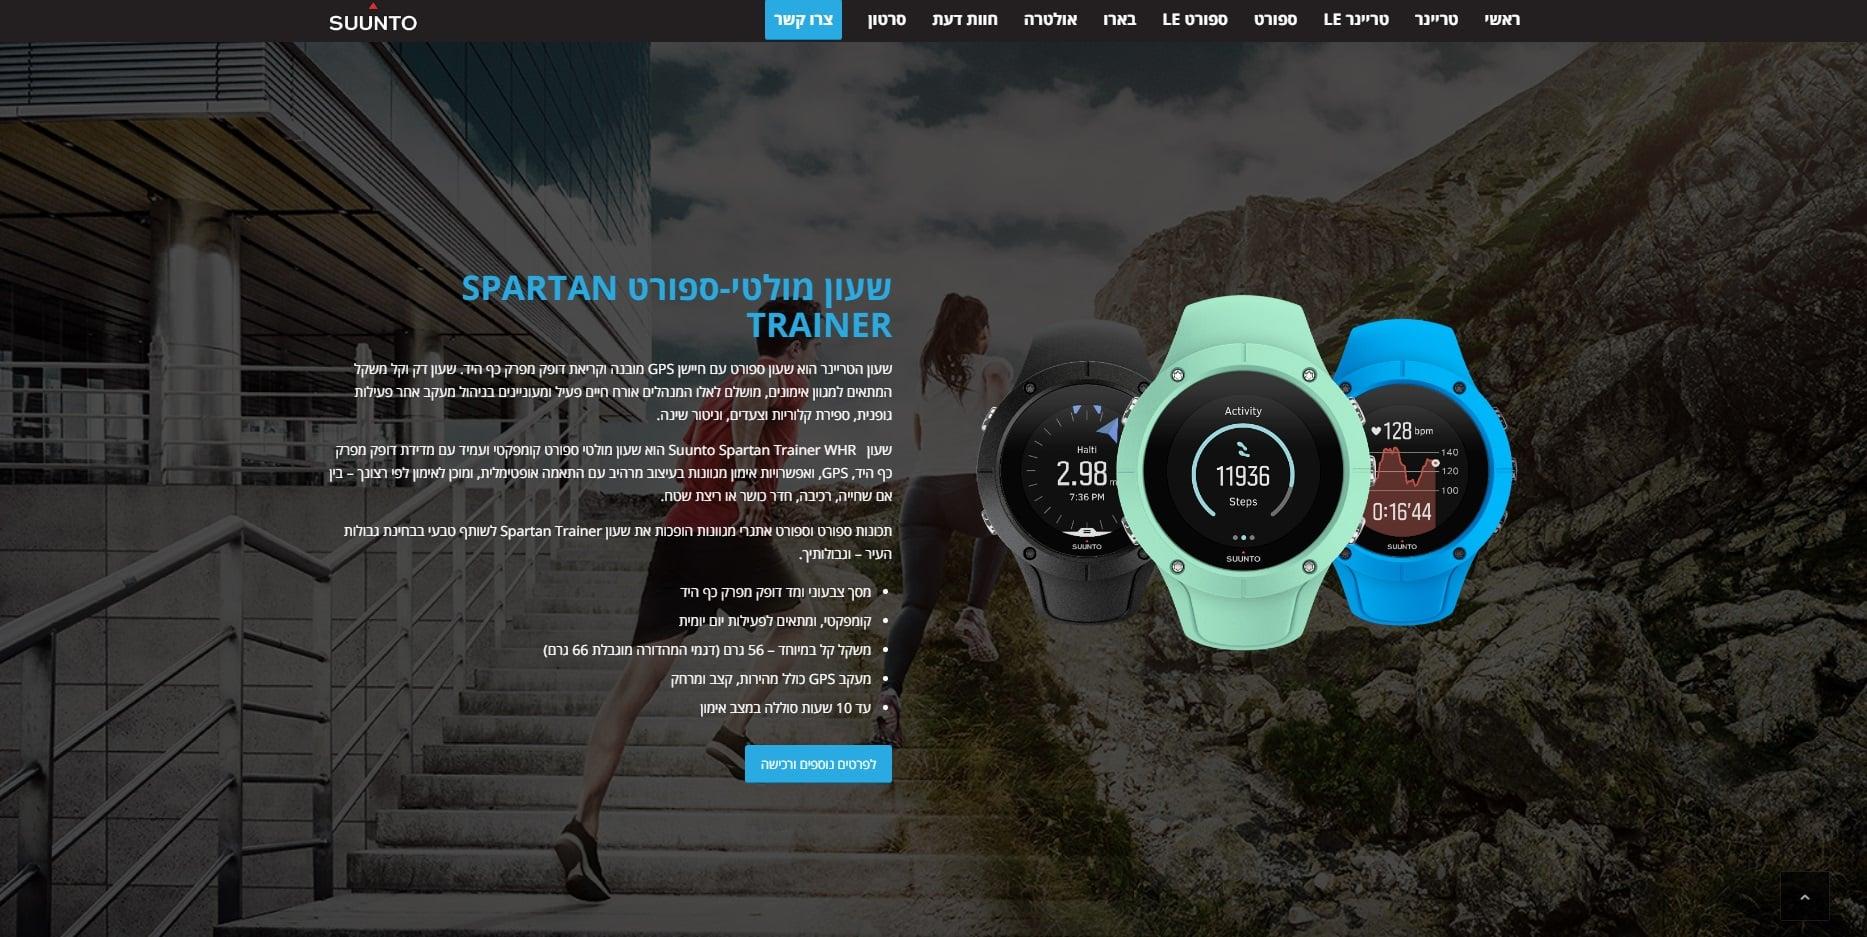 עיצוב והקמת מיניסייט לשעוני סונטו ספרטן